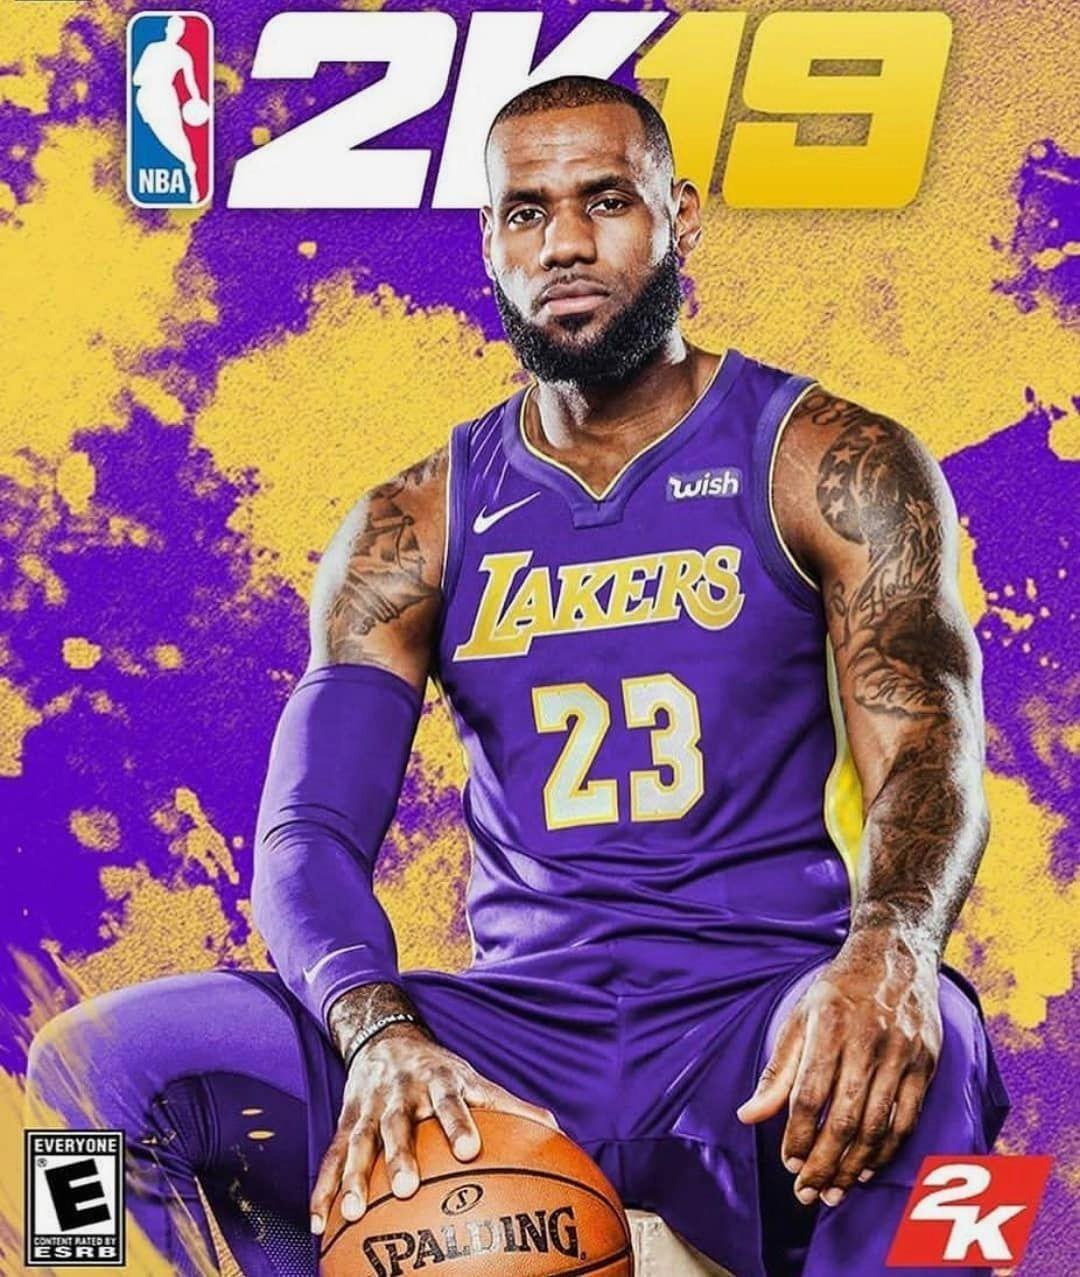 Probasketball Lebron James Lakers La Lakers Nba Lebron James